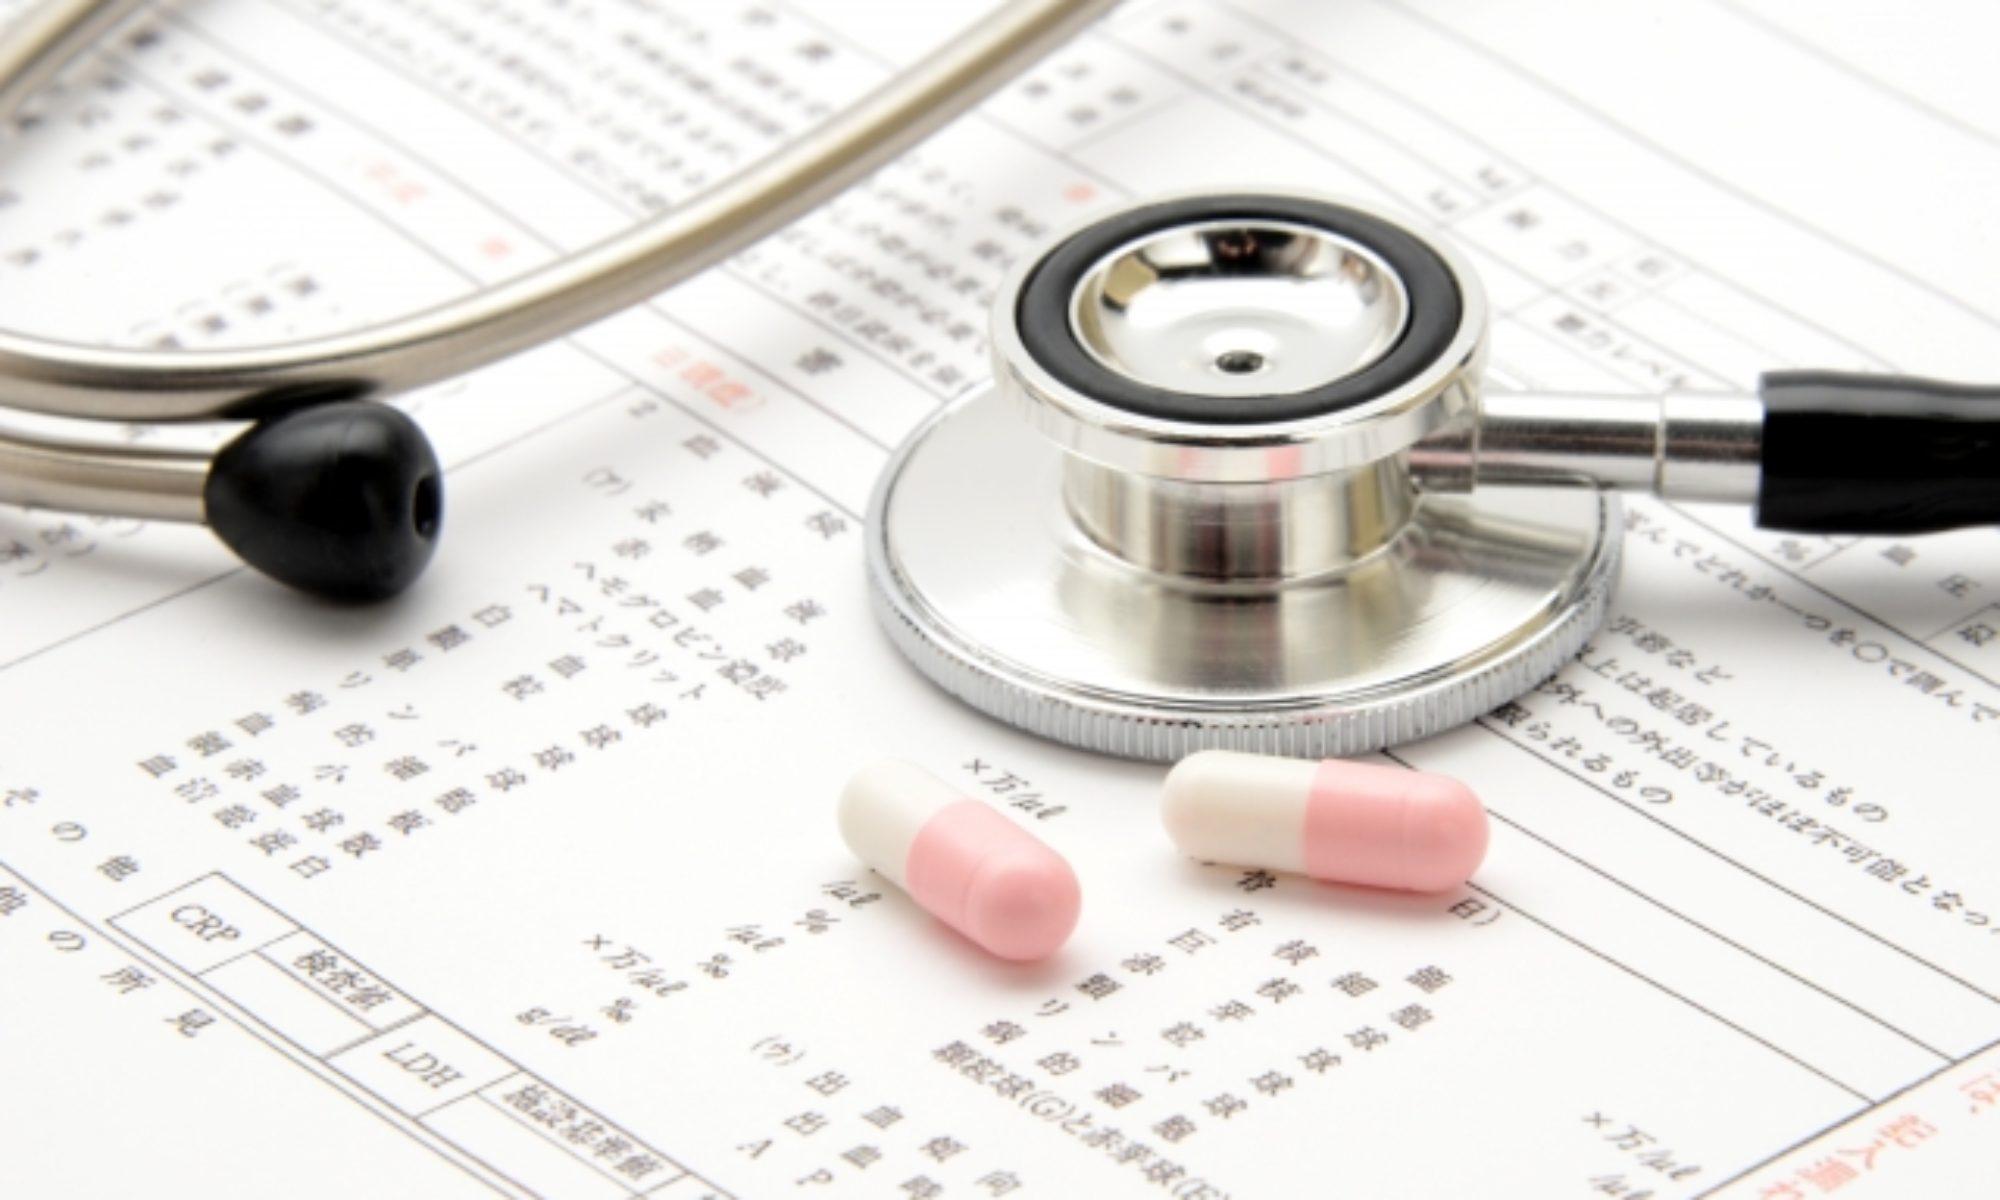 ジェネリック医薬品インベントリ 薬価情報(医療従事者専用)